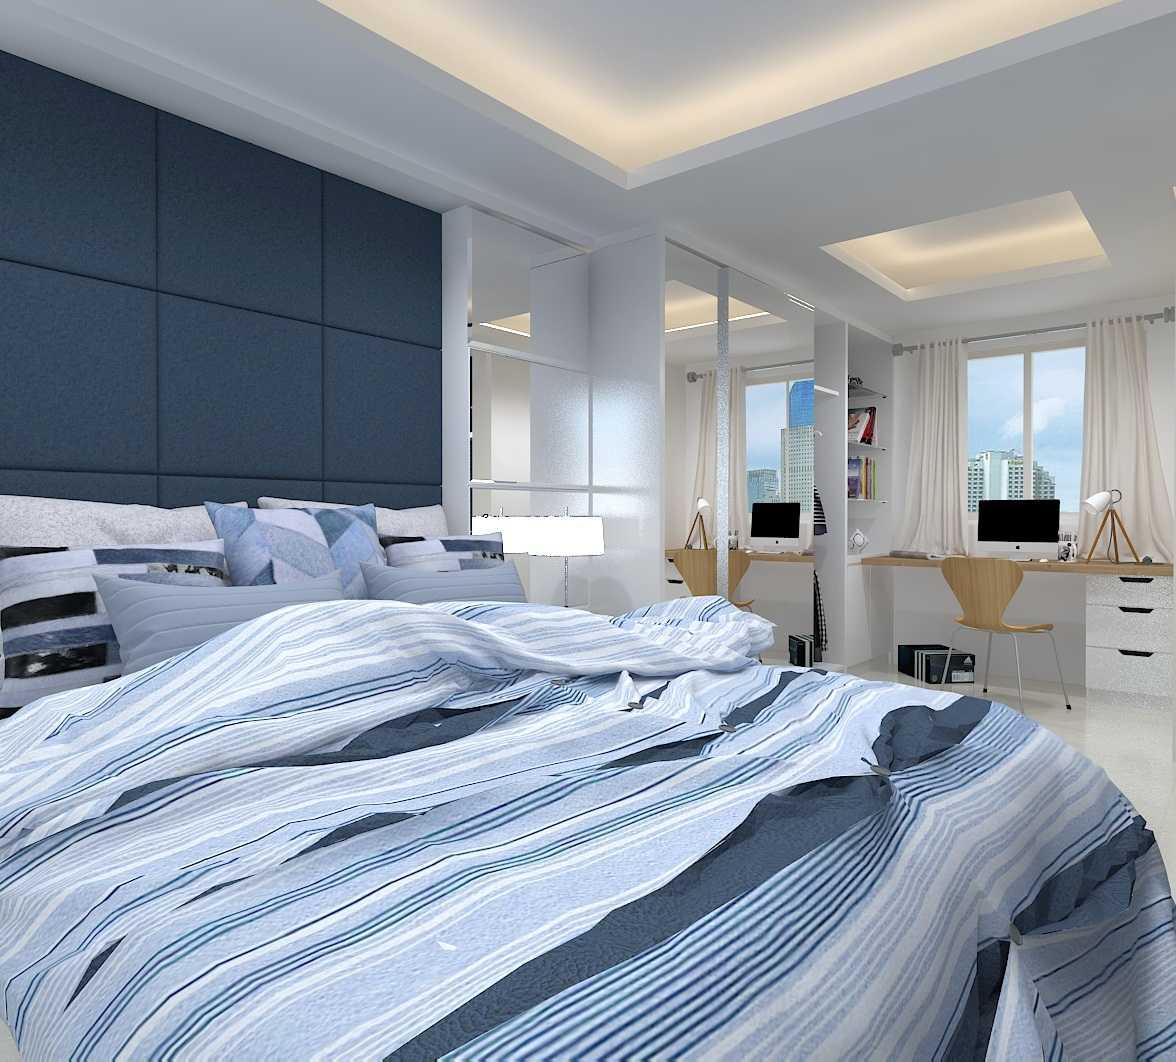 Bagaimana Cara Mendesain Interior Kamar Tidur Yang Super